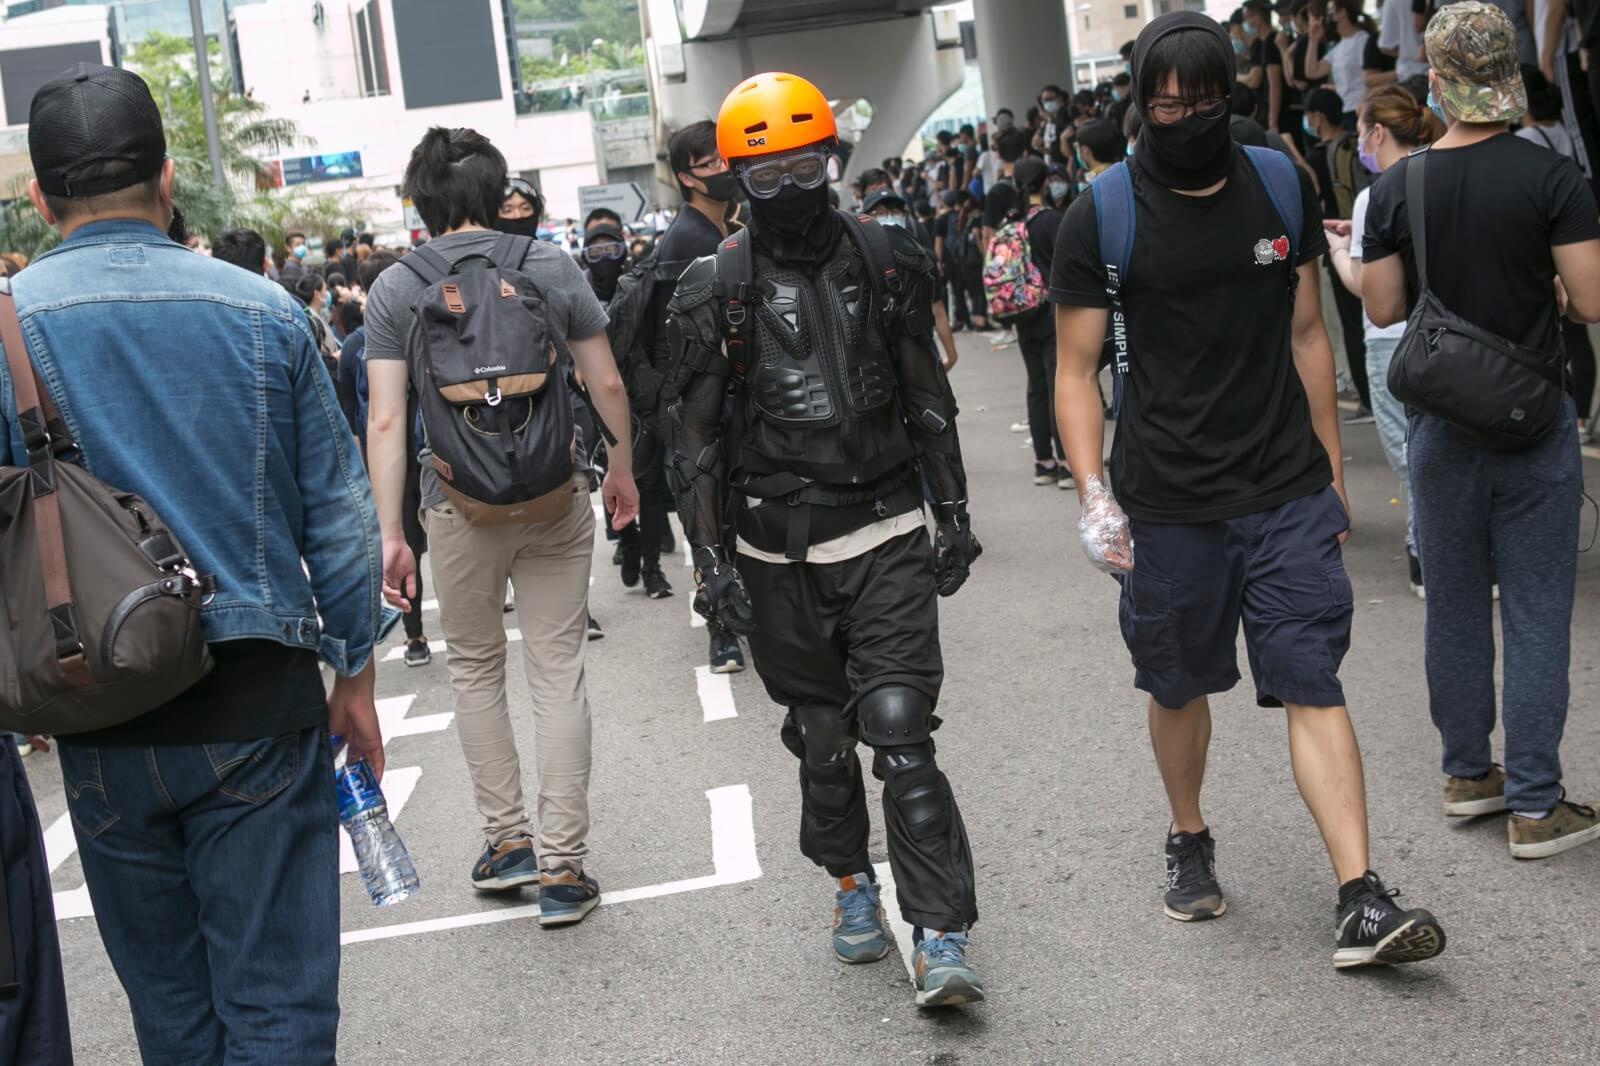 那些「示威者」是他的戰友,在硝煙之中互相扶持。